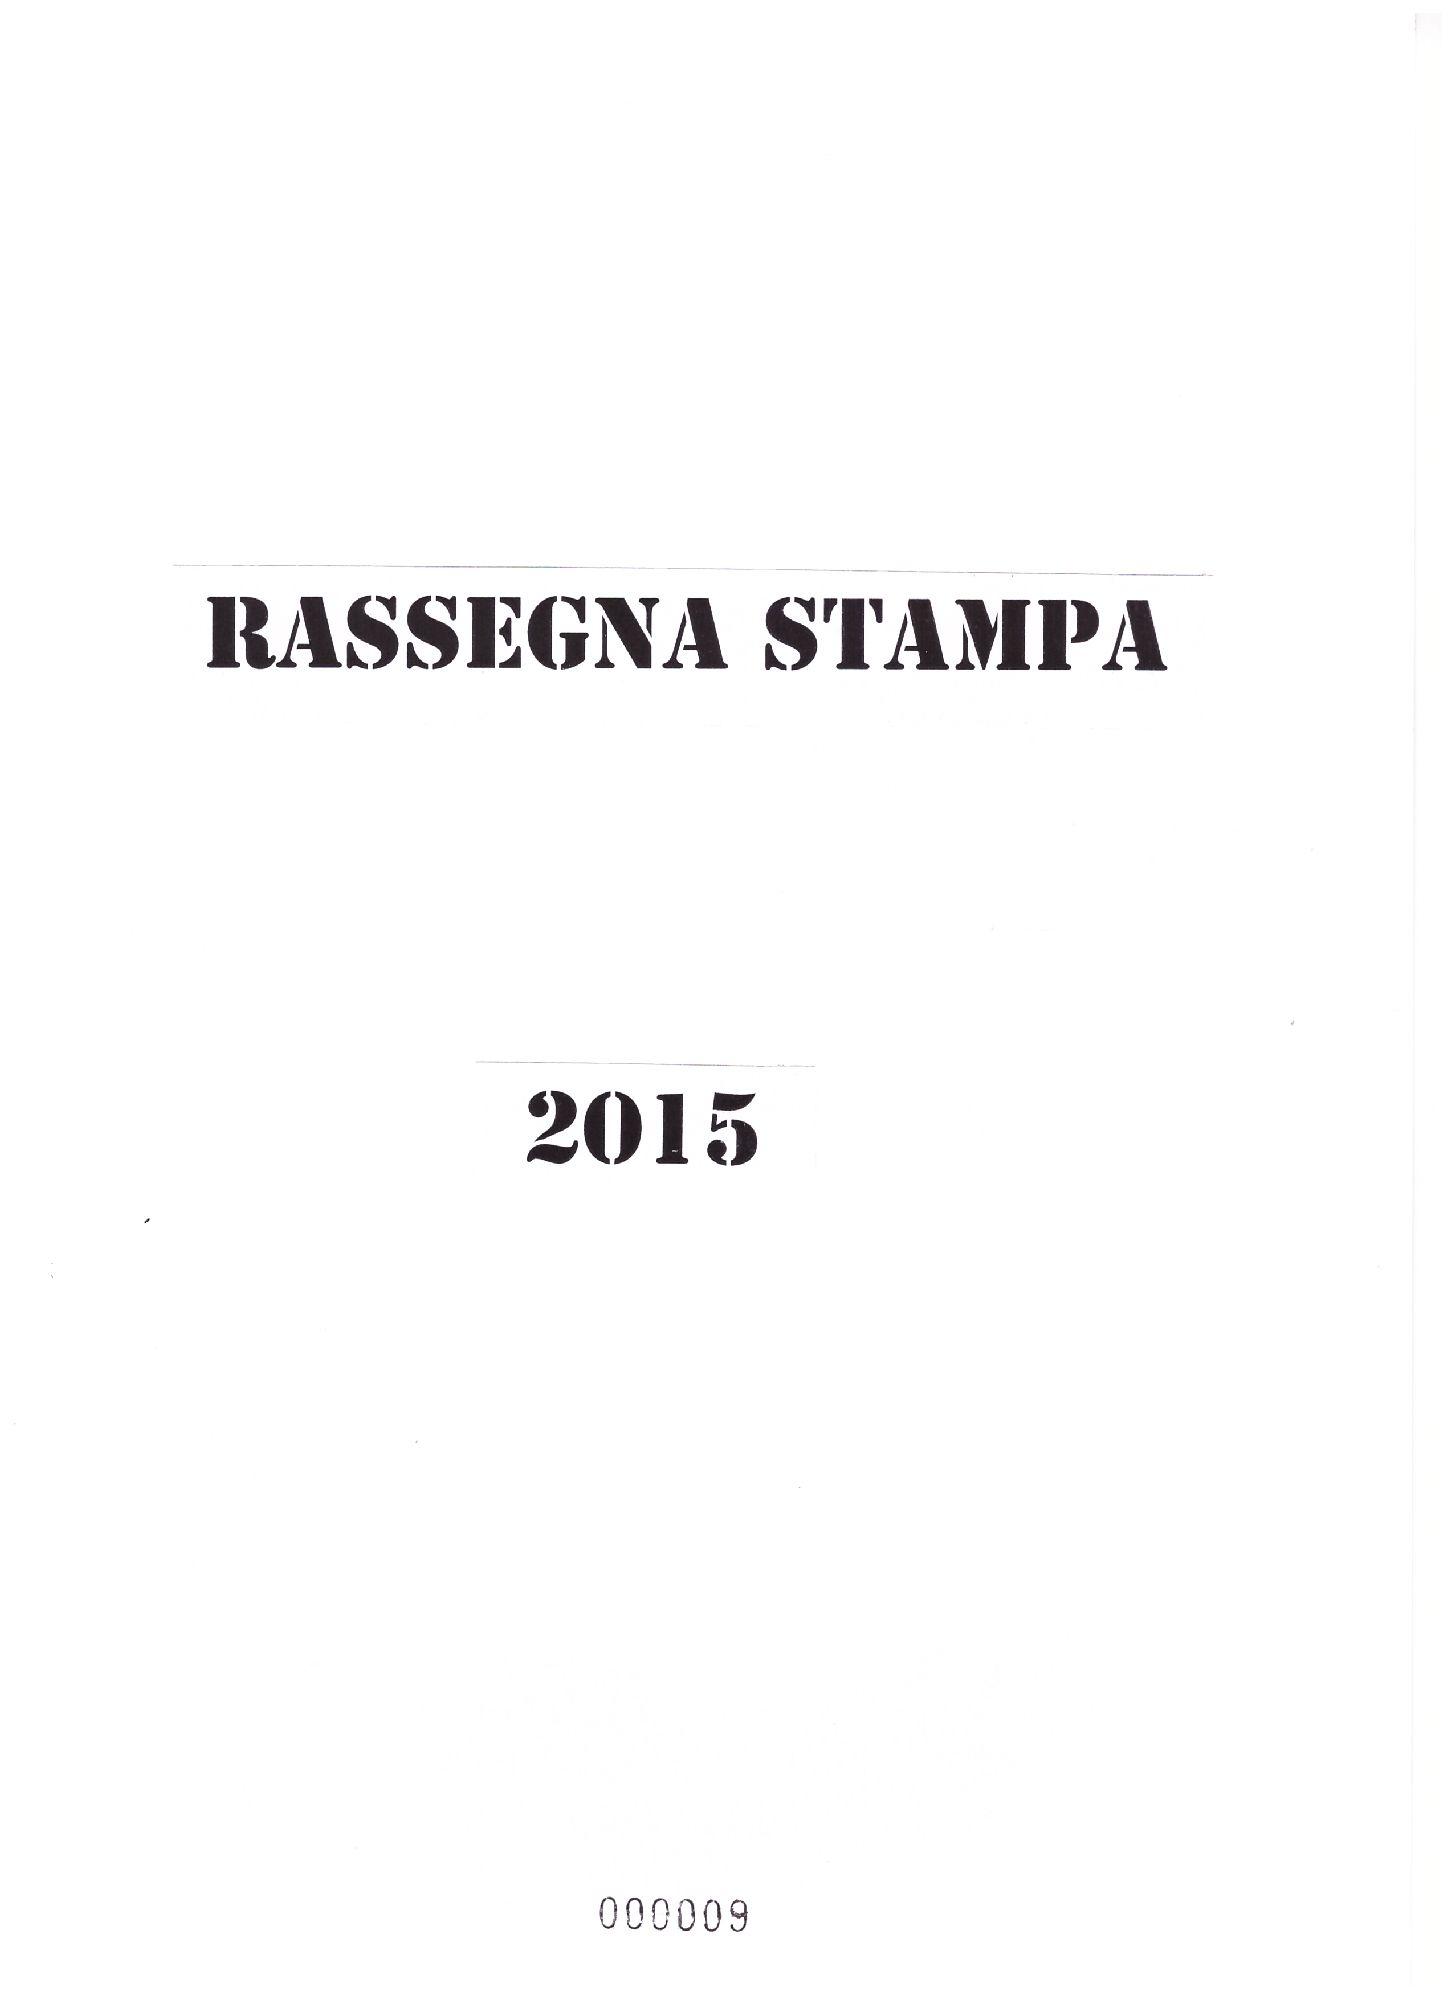 http://www.registroaprilia.it/wp-content/uploads/2016/01/Pag.-09.jpg